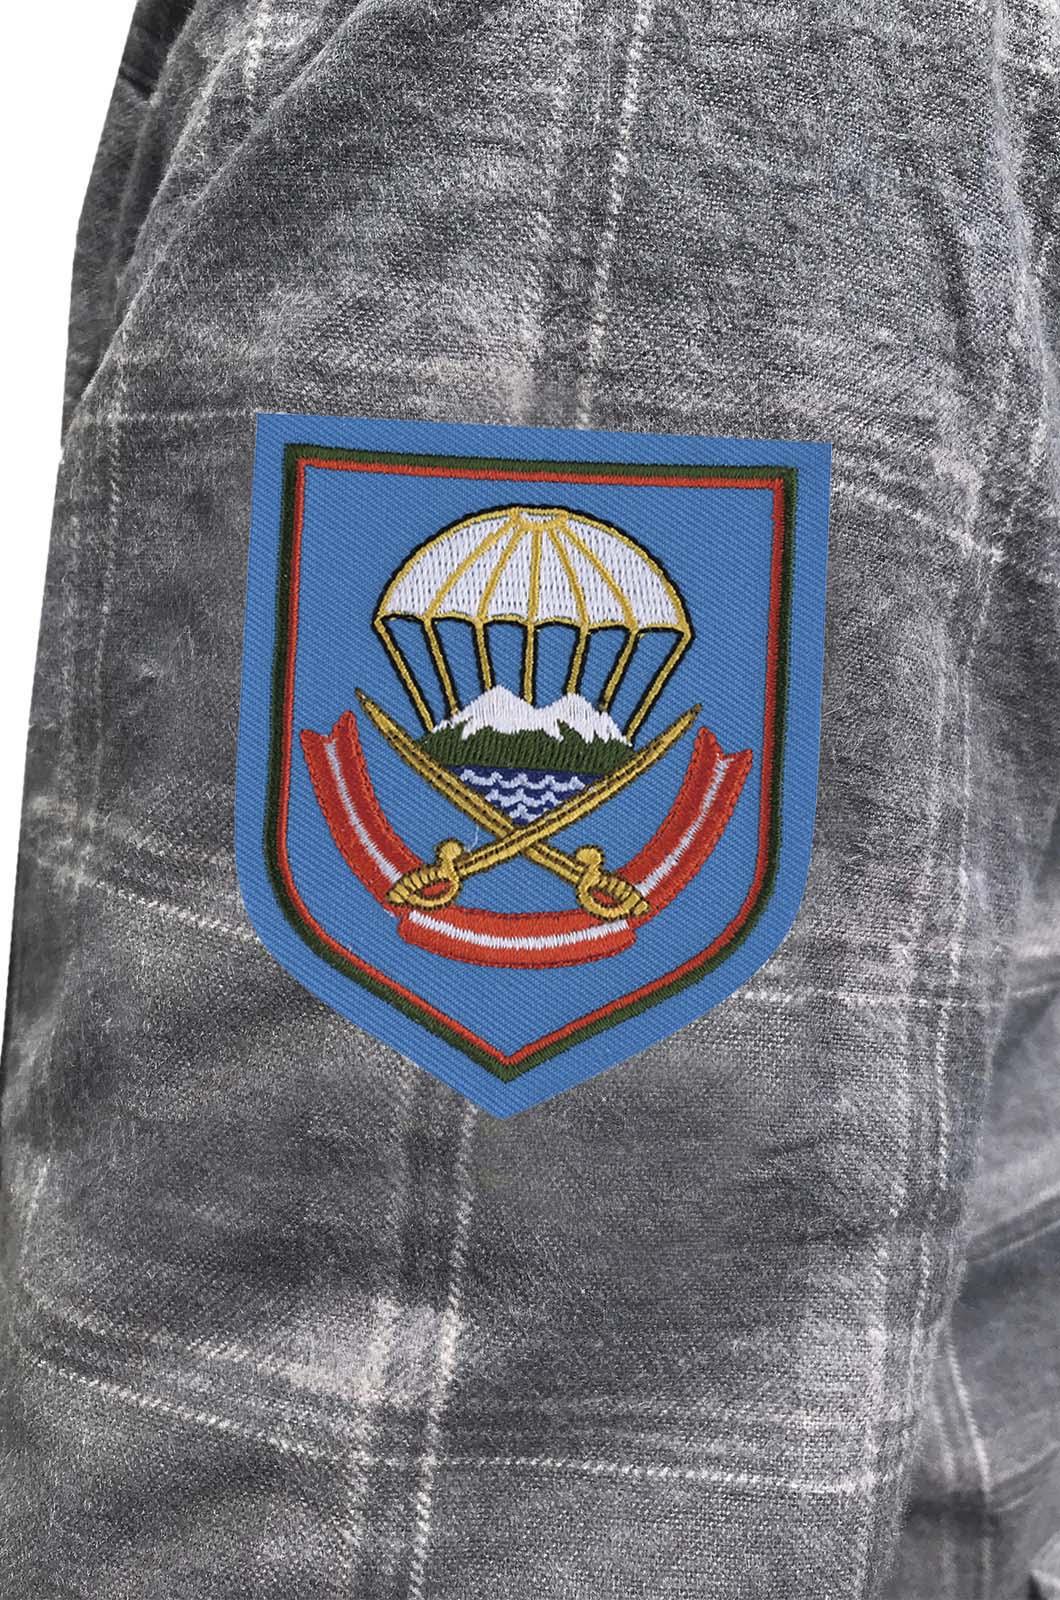 Стильная теплая рубашка с вышитым шевроном ВДВ 108 ДШП - купить онлайн